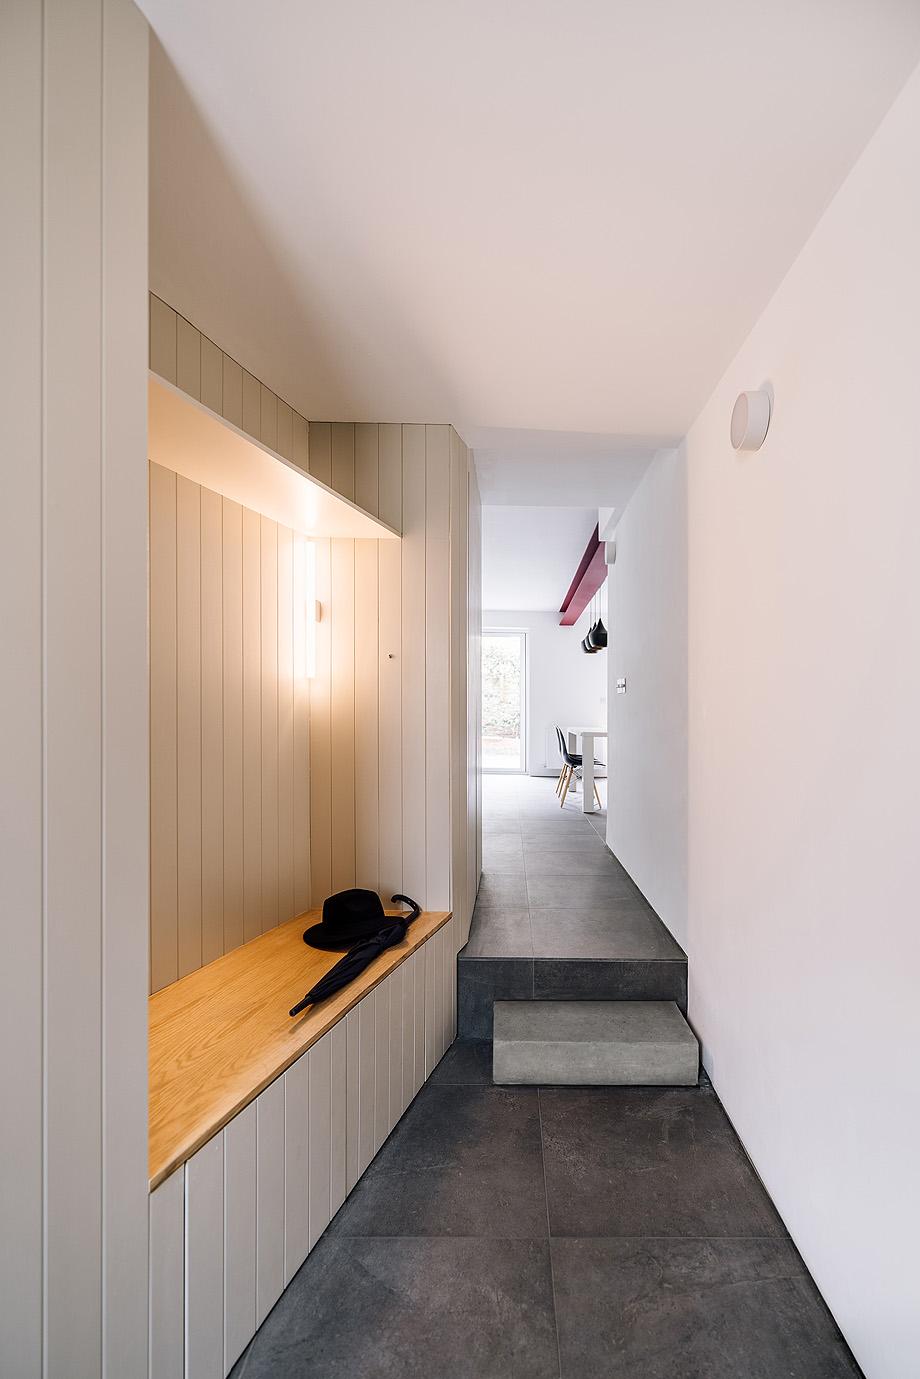 vivienda en candem de df_dc - foto gautier houba (3)